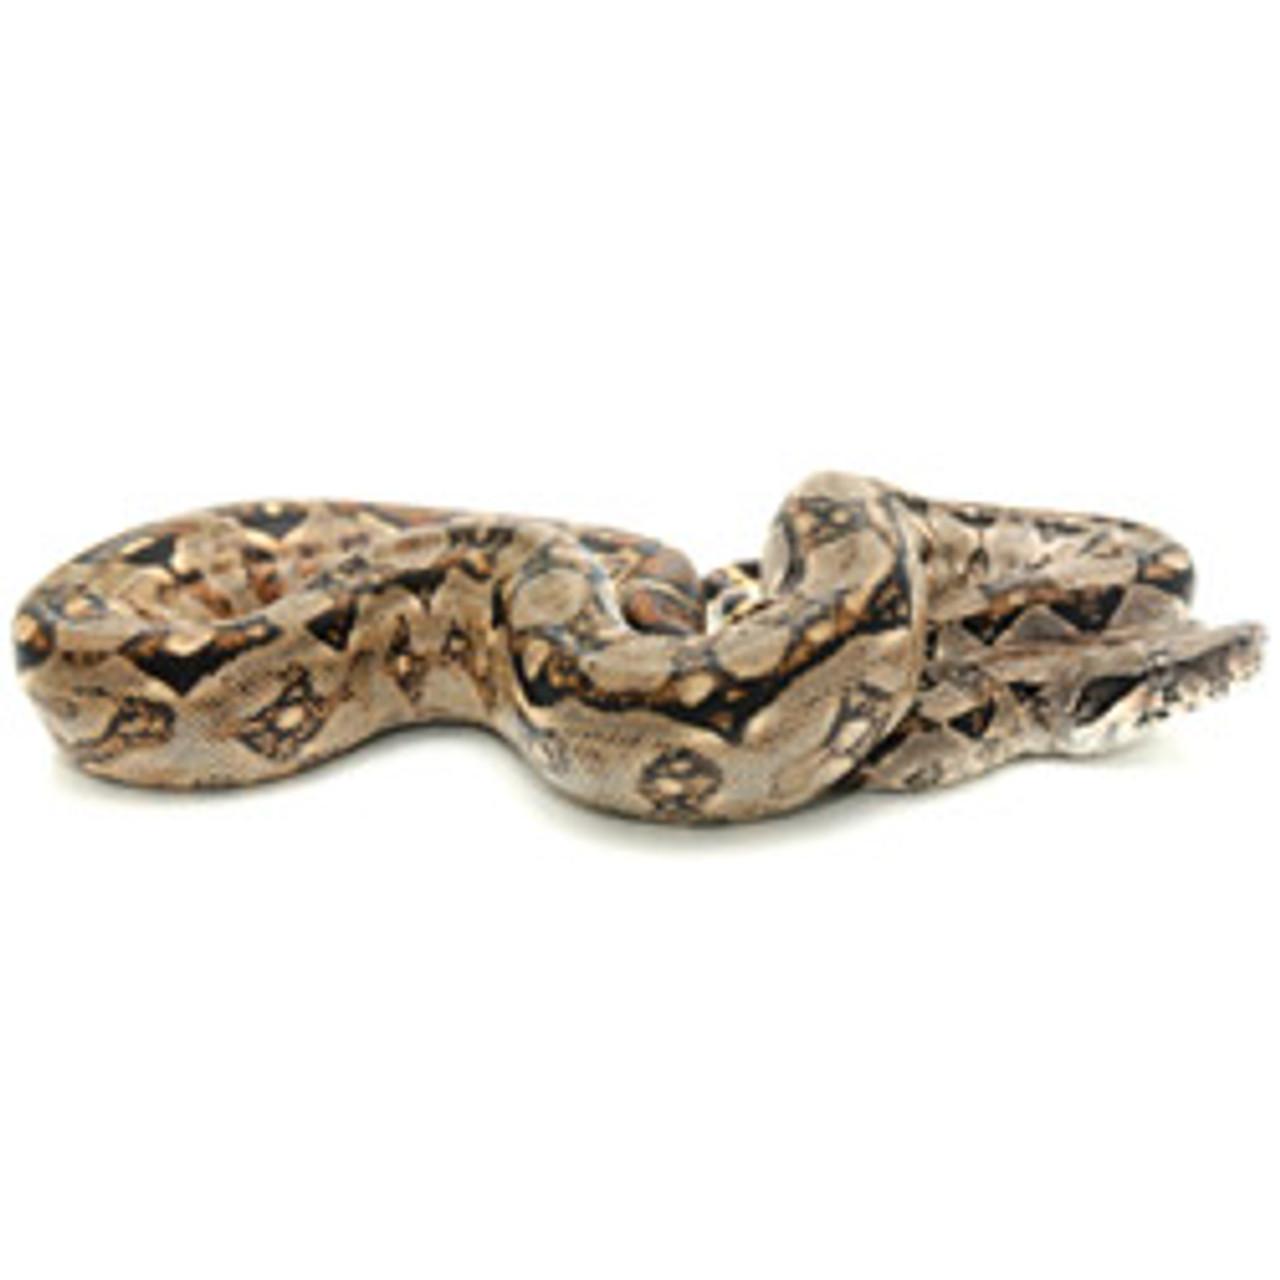 Central American Boa (Boa constrictor)